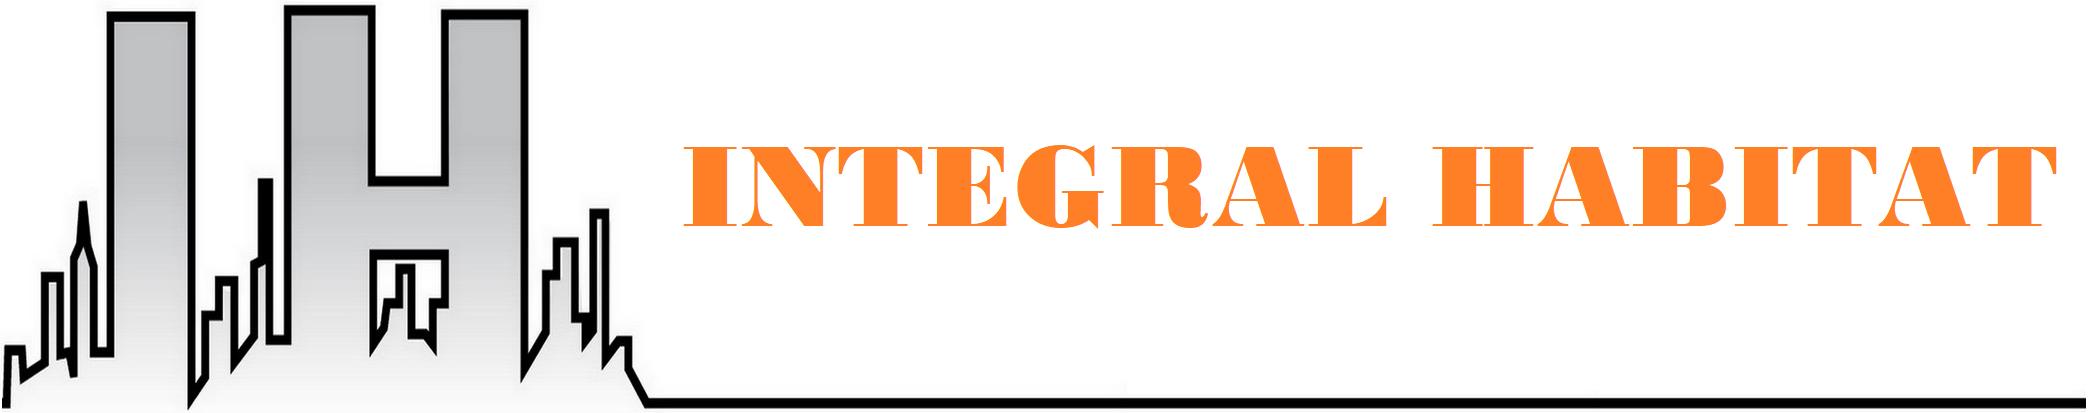 Integral Habitat - spécialiste de la fermeture du bâtiment